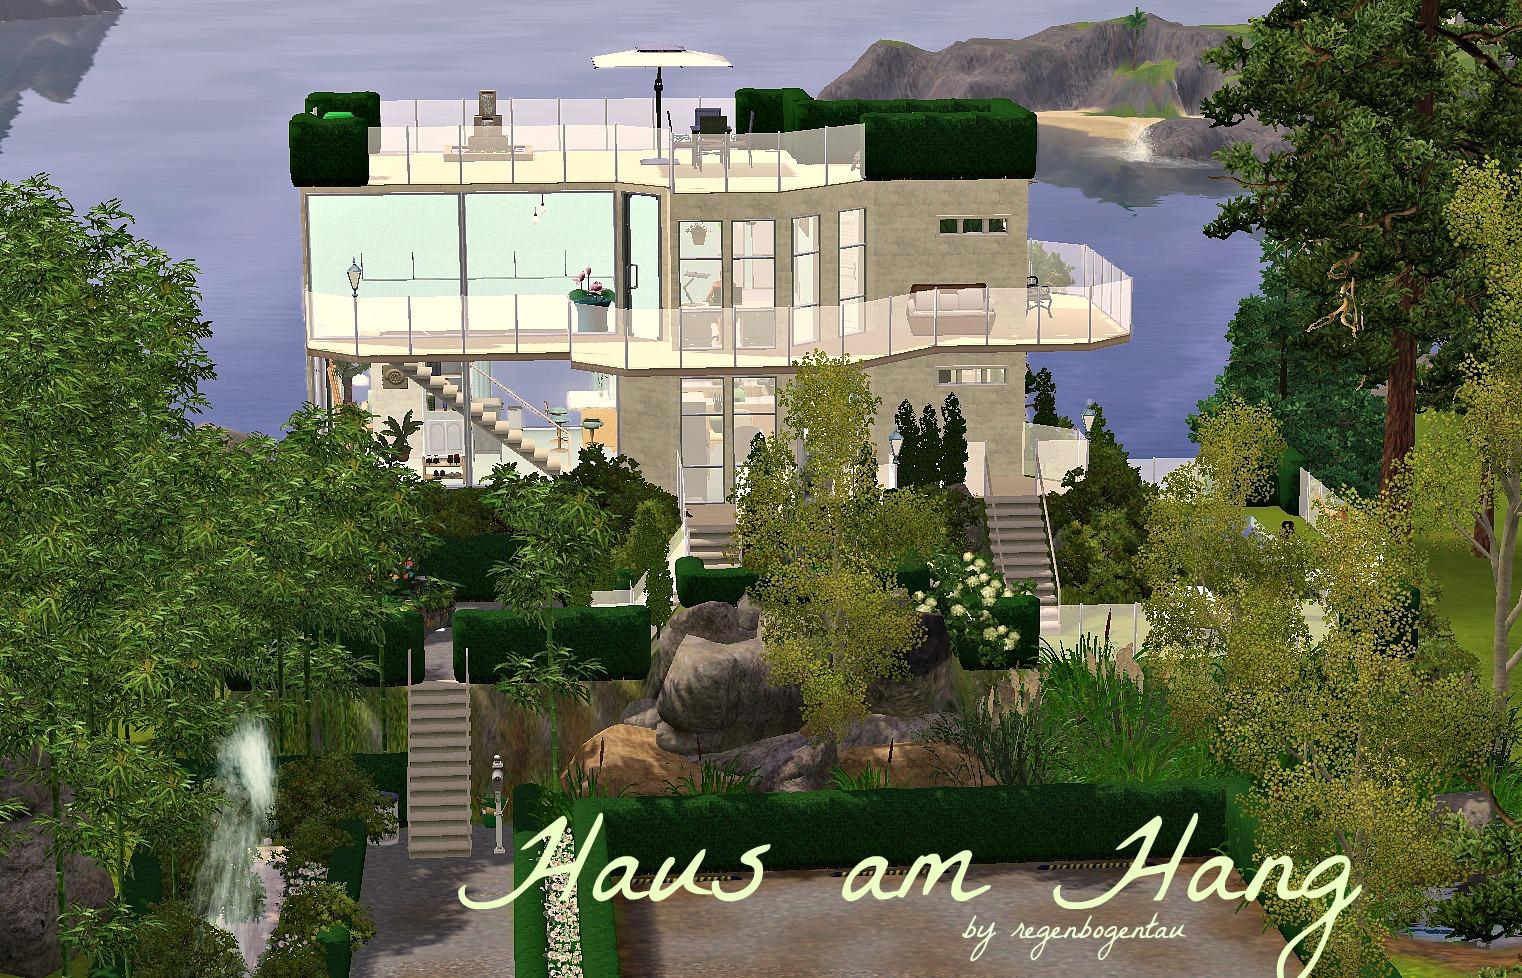 Regenbogentau s basteleien - Sims 4 dach bauen ...